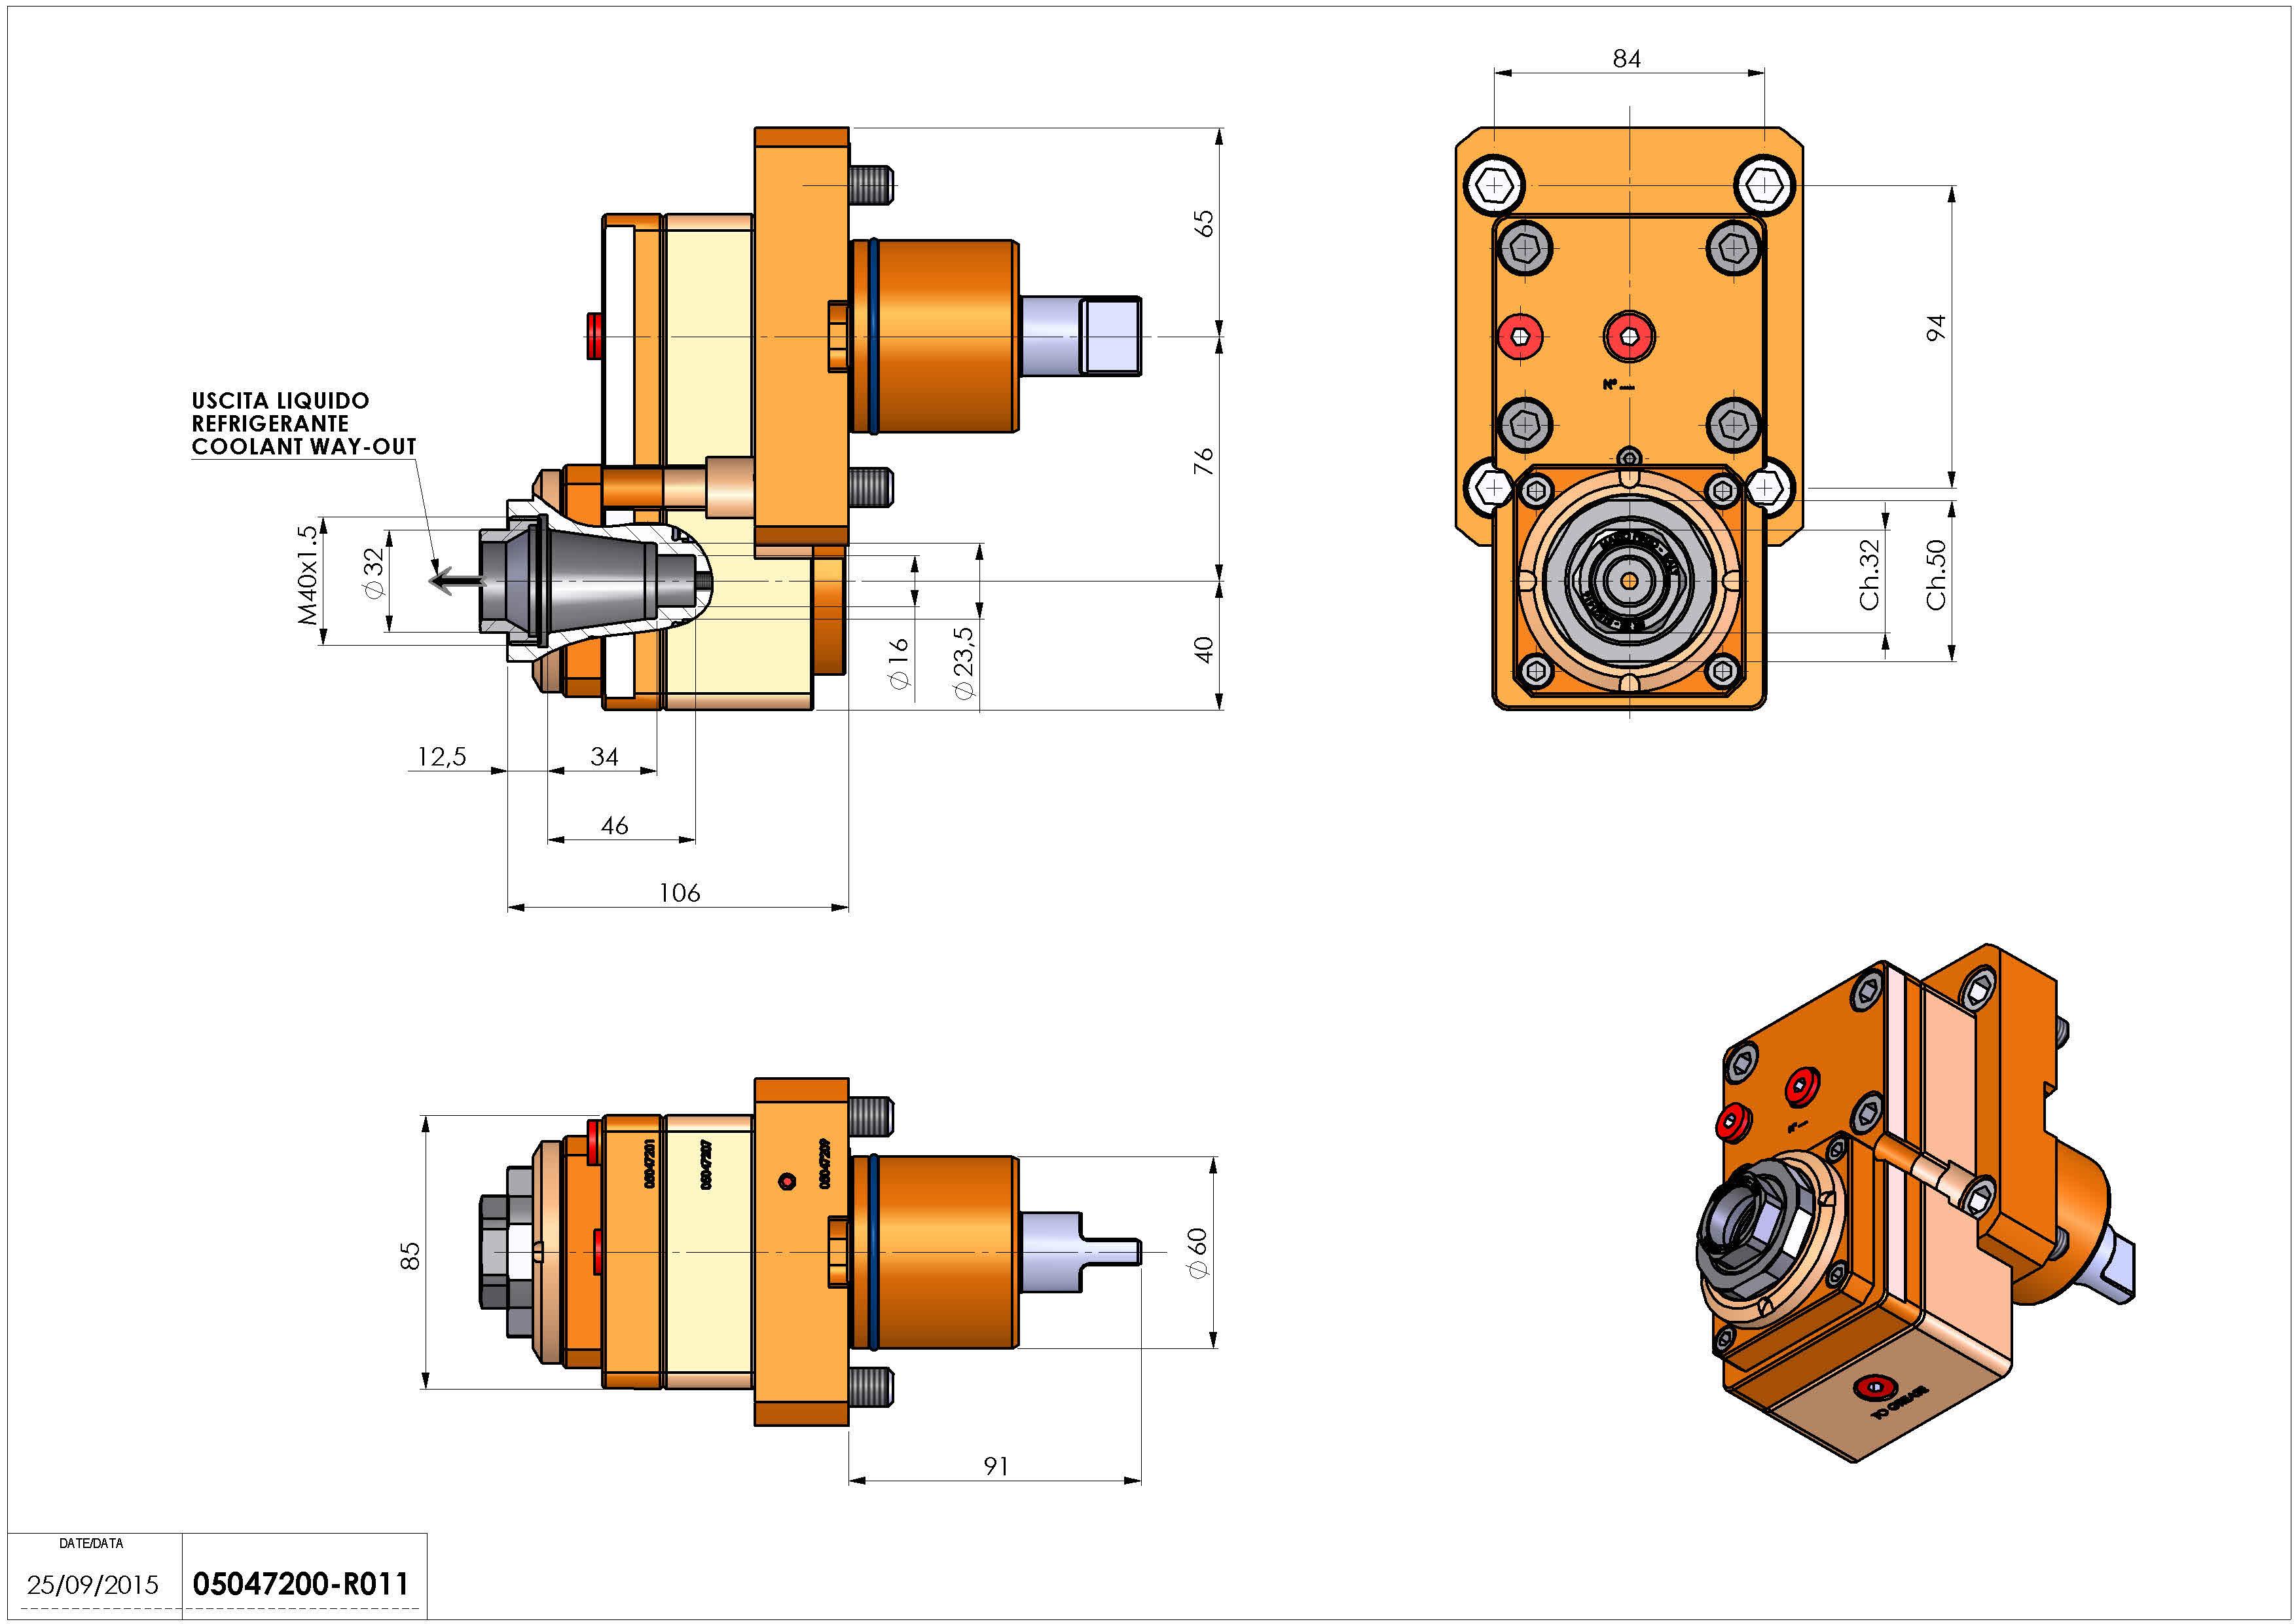 Technical image - LT-S D60 ER32F OF76RF 1:1 H106.